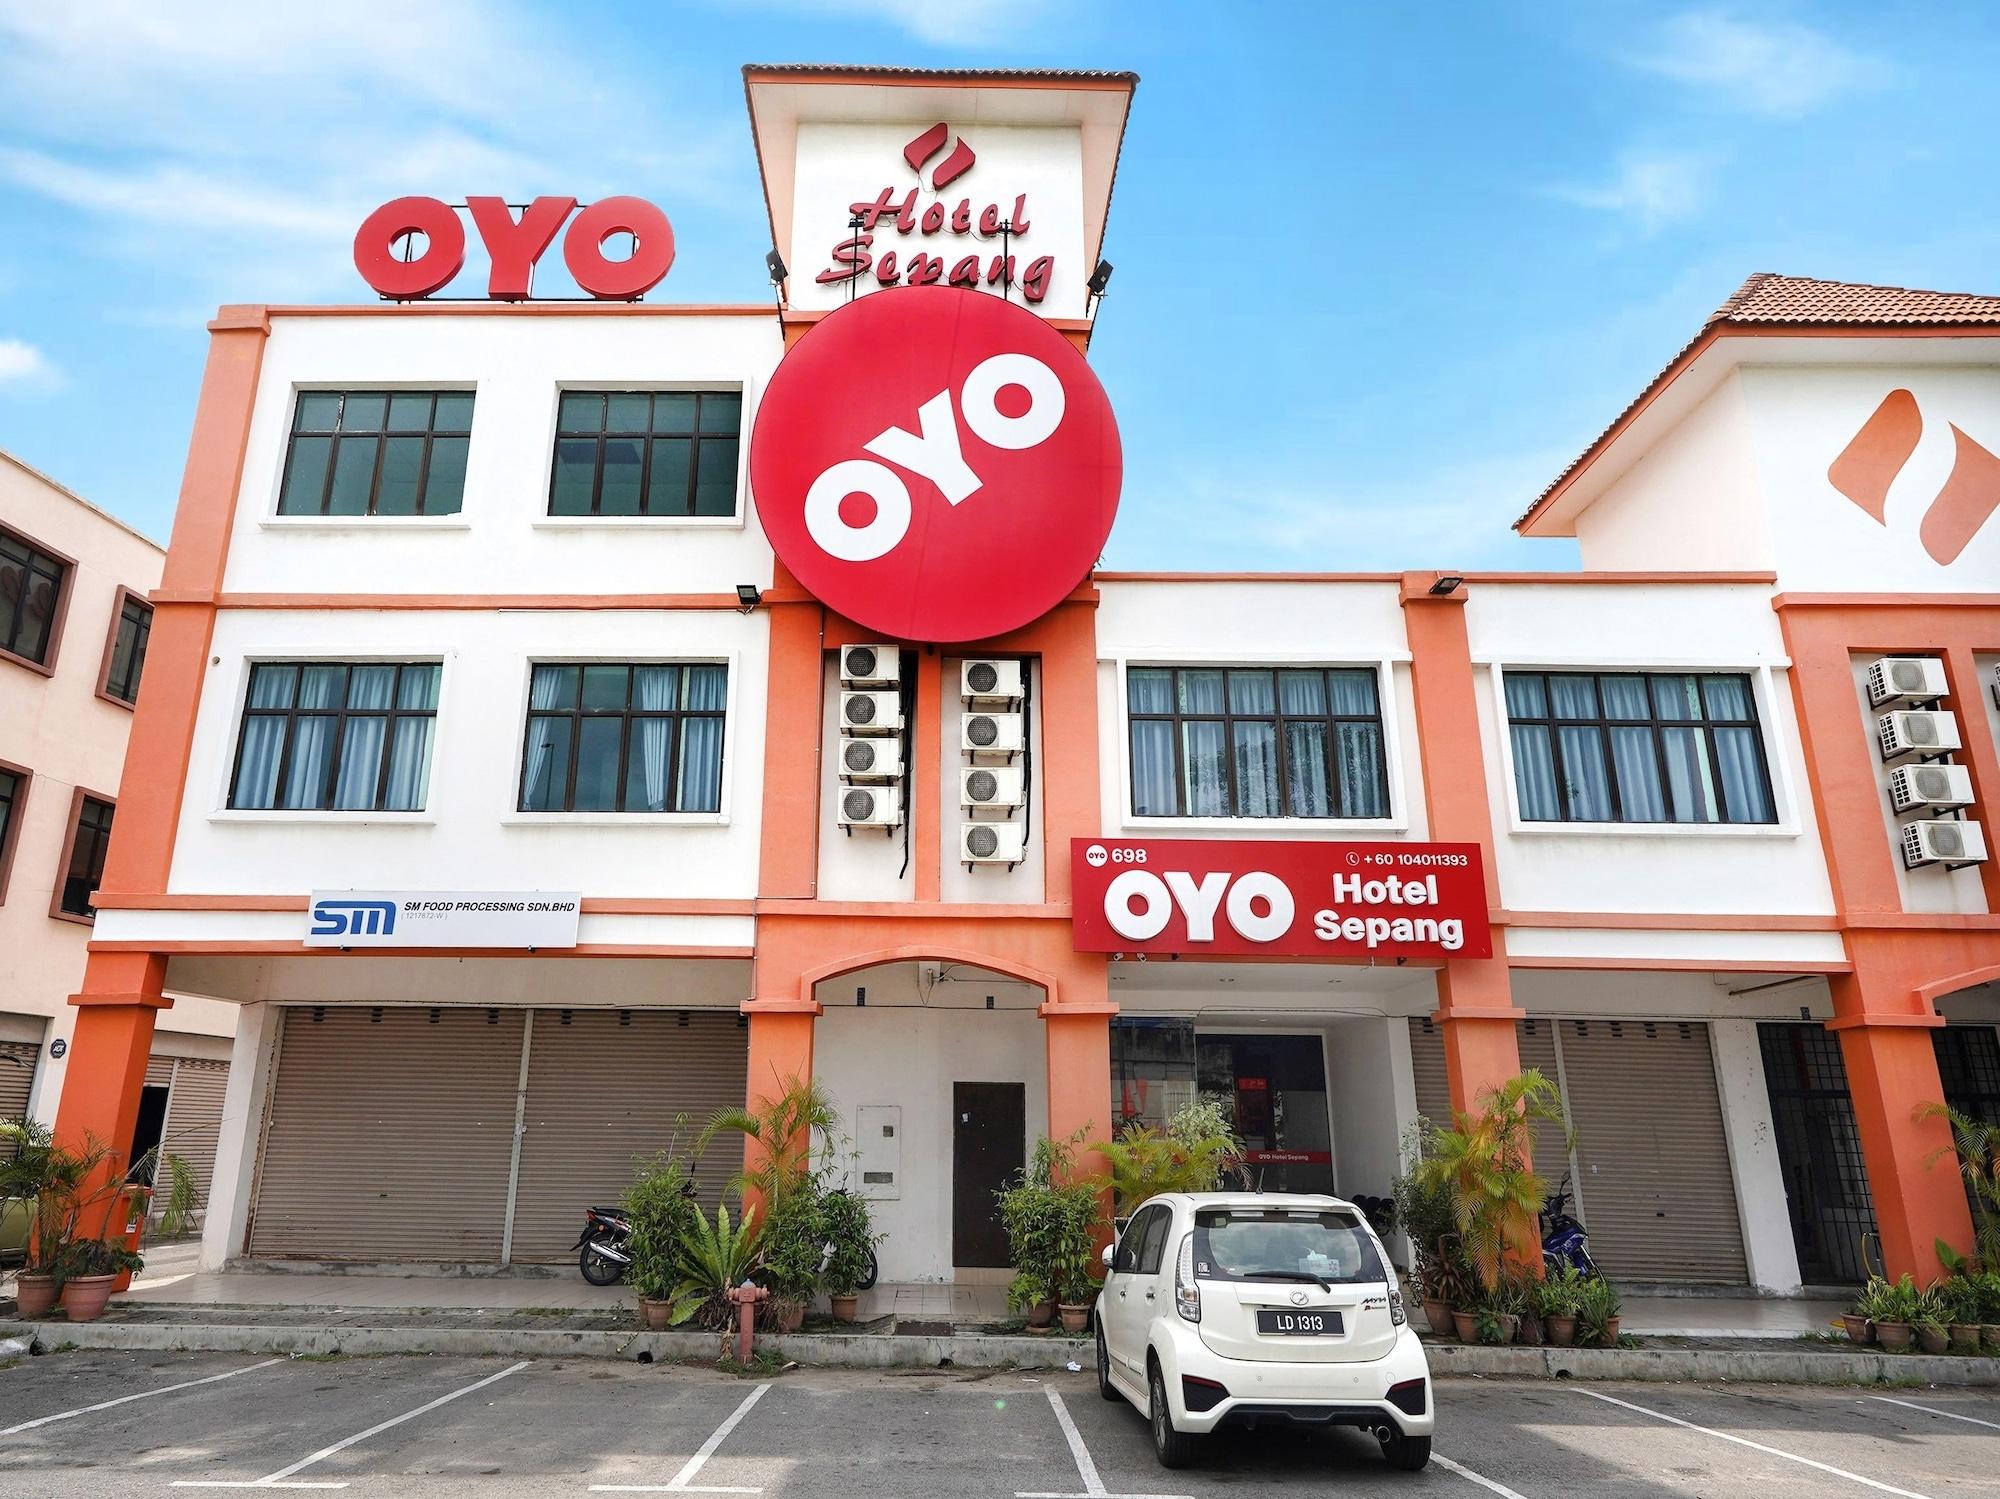 OYO 698 Hotel Sepang at Dengkil, Kuala Lumpur